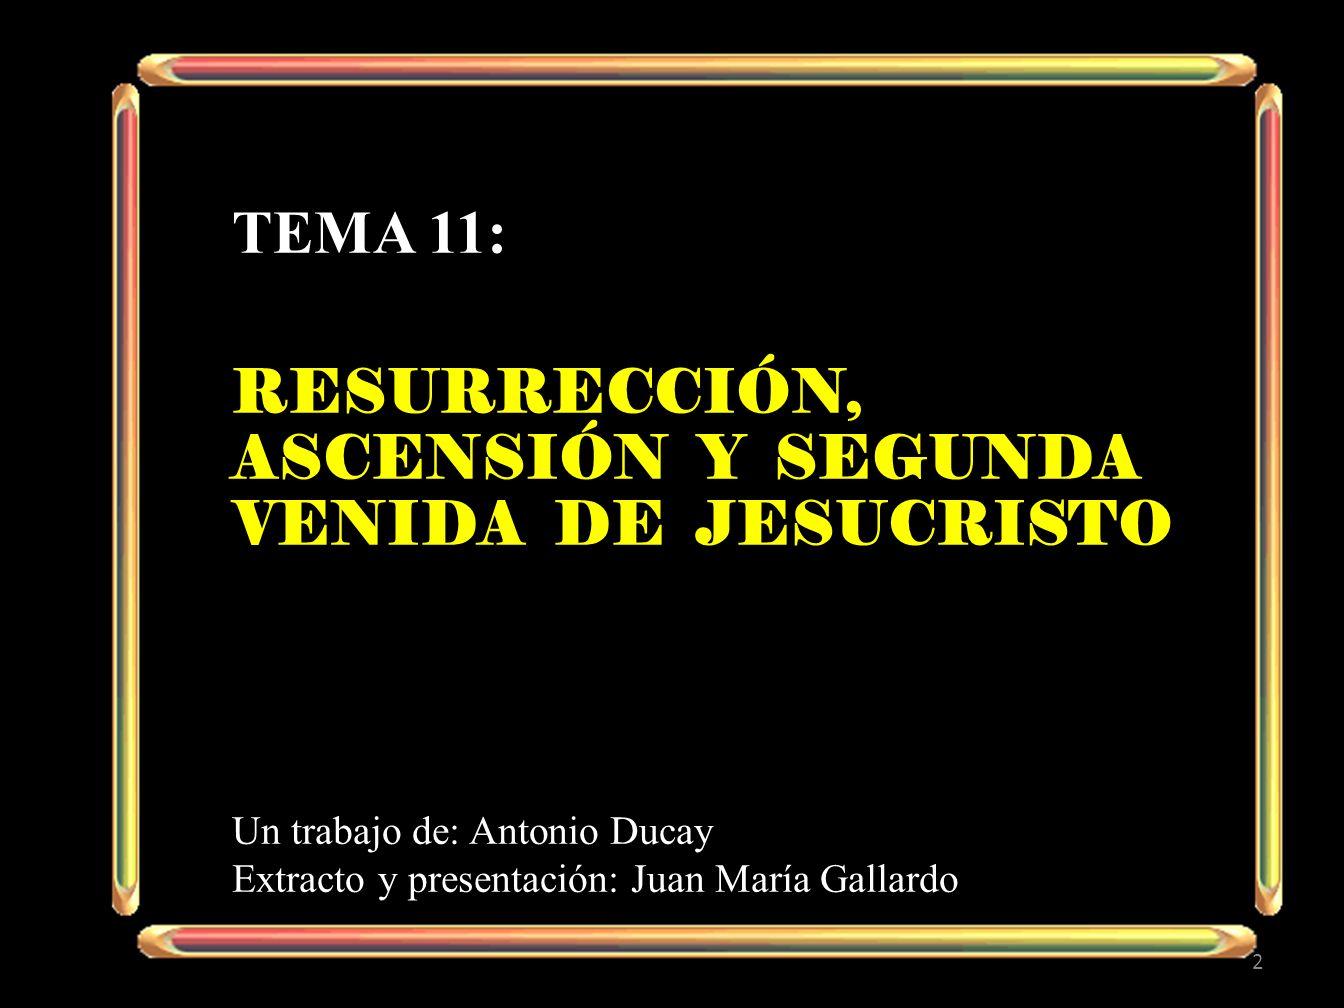 Resurrección, ascensión y segunda venida de jesucristo